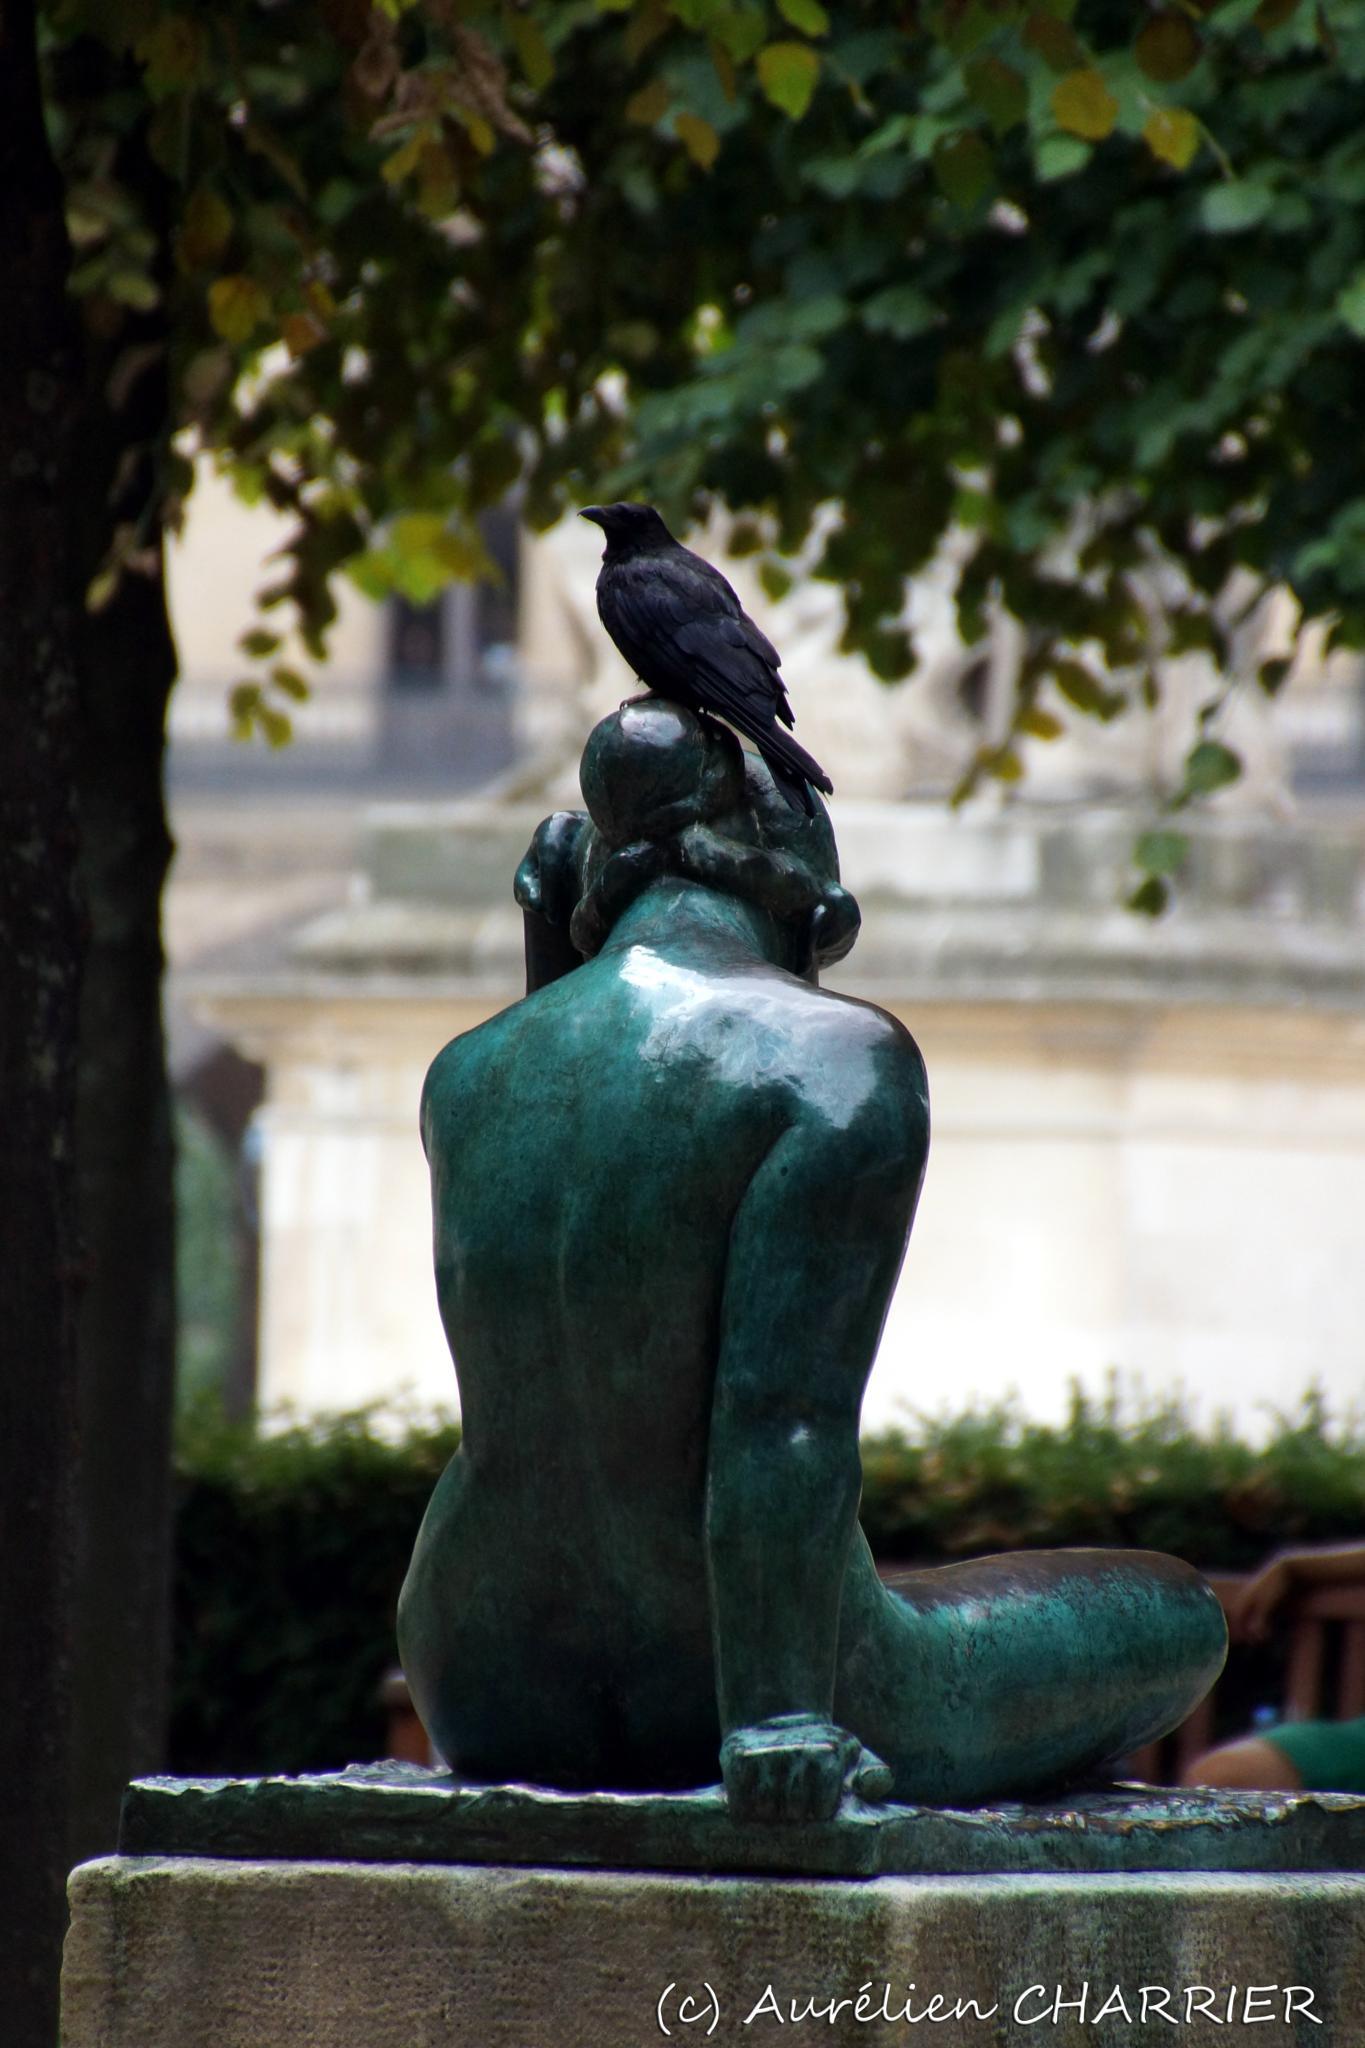 The Artist Crow, near the Louvre Museum, Paris, FRANCE by Aurélien CHARRIER